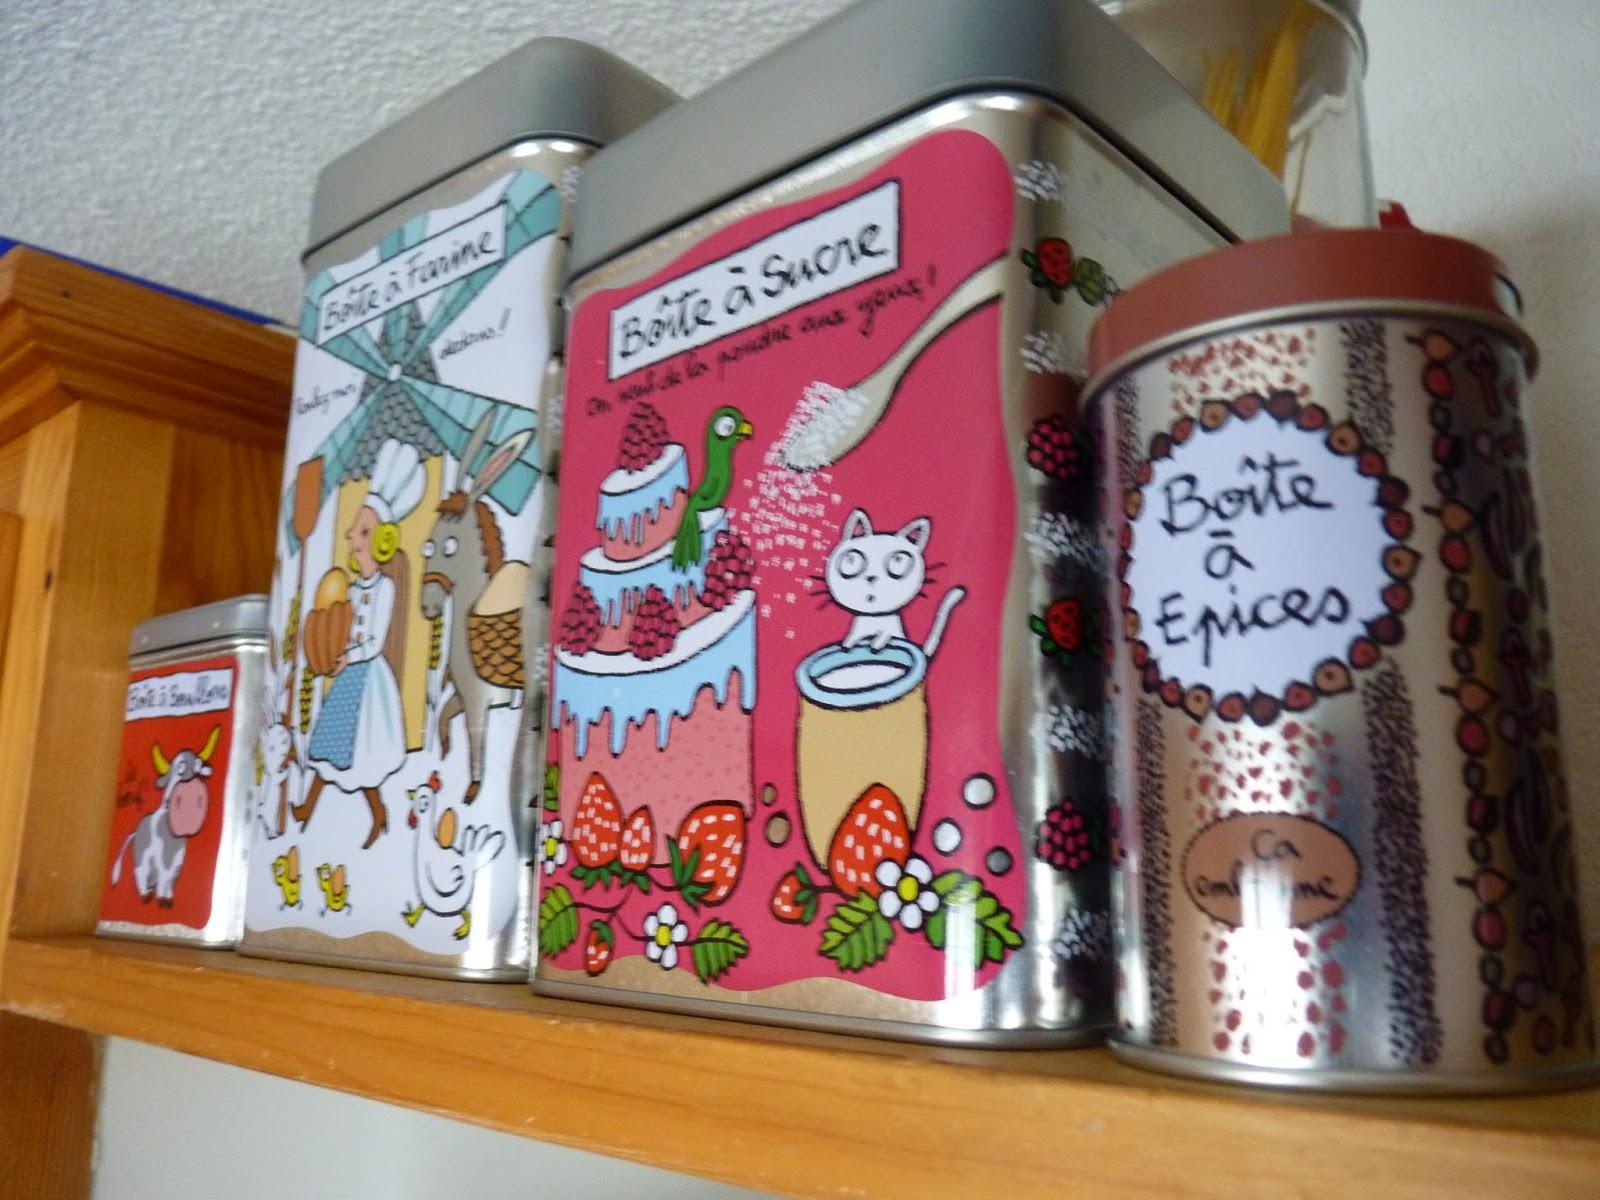 boîtes, derrière la porte, derière la porte, boite a farine, boite a sucre, boite à épices, boite à bouillons cube, marque parisienne, objets design